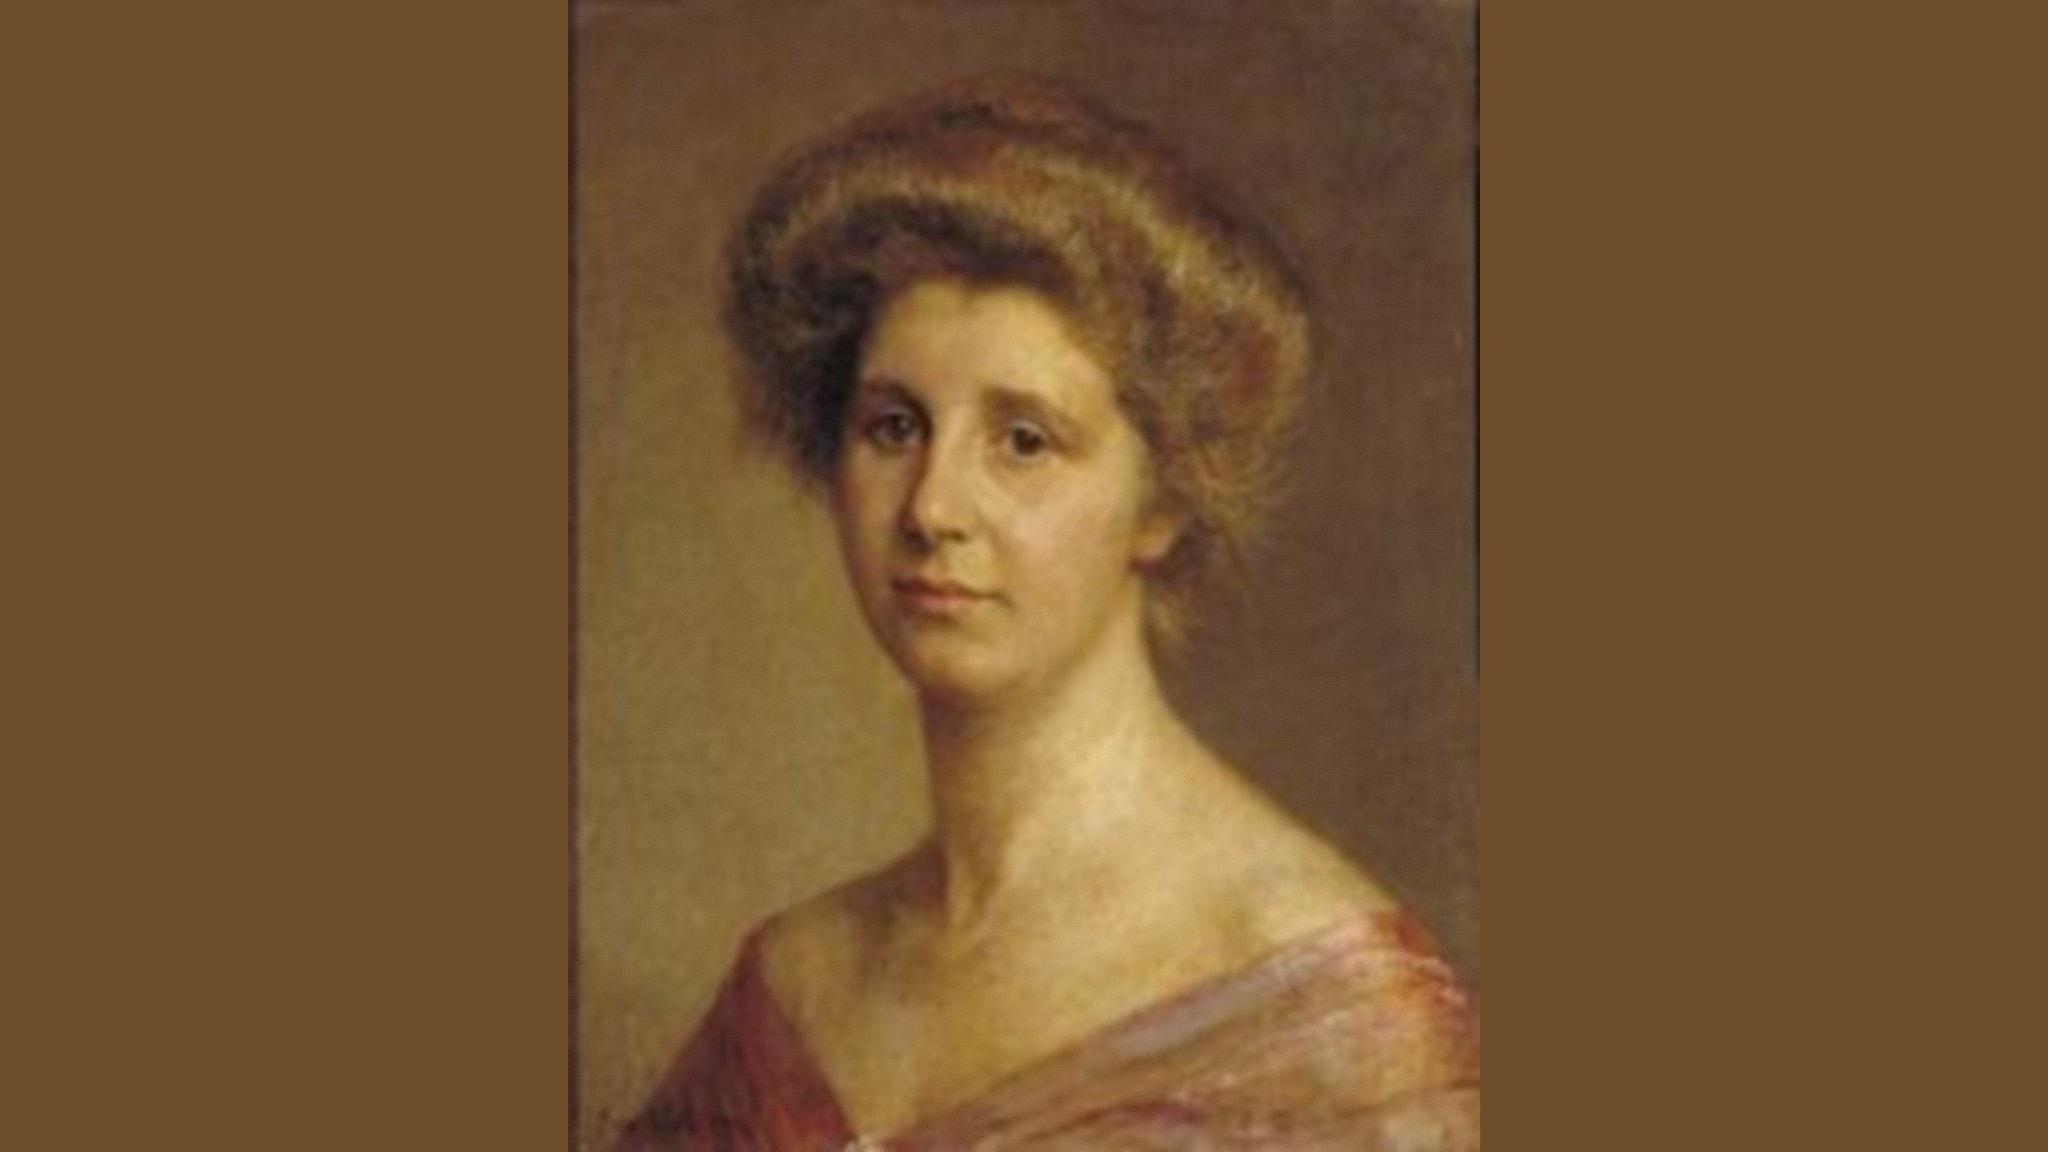 Porträtt av nederländska tonsättaren Rosy Wertheim (Jan Veth, 1884-1925).